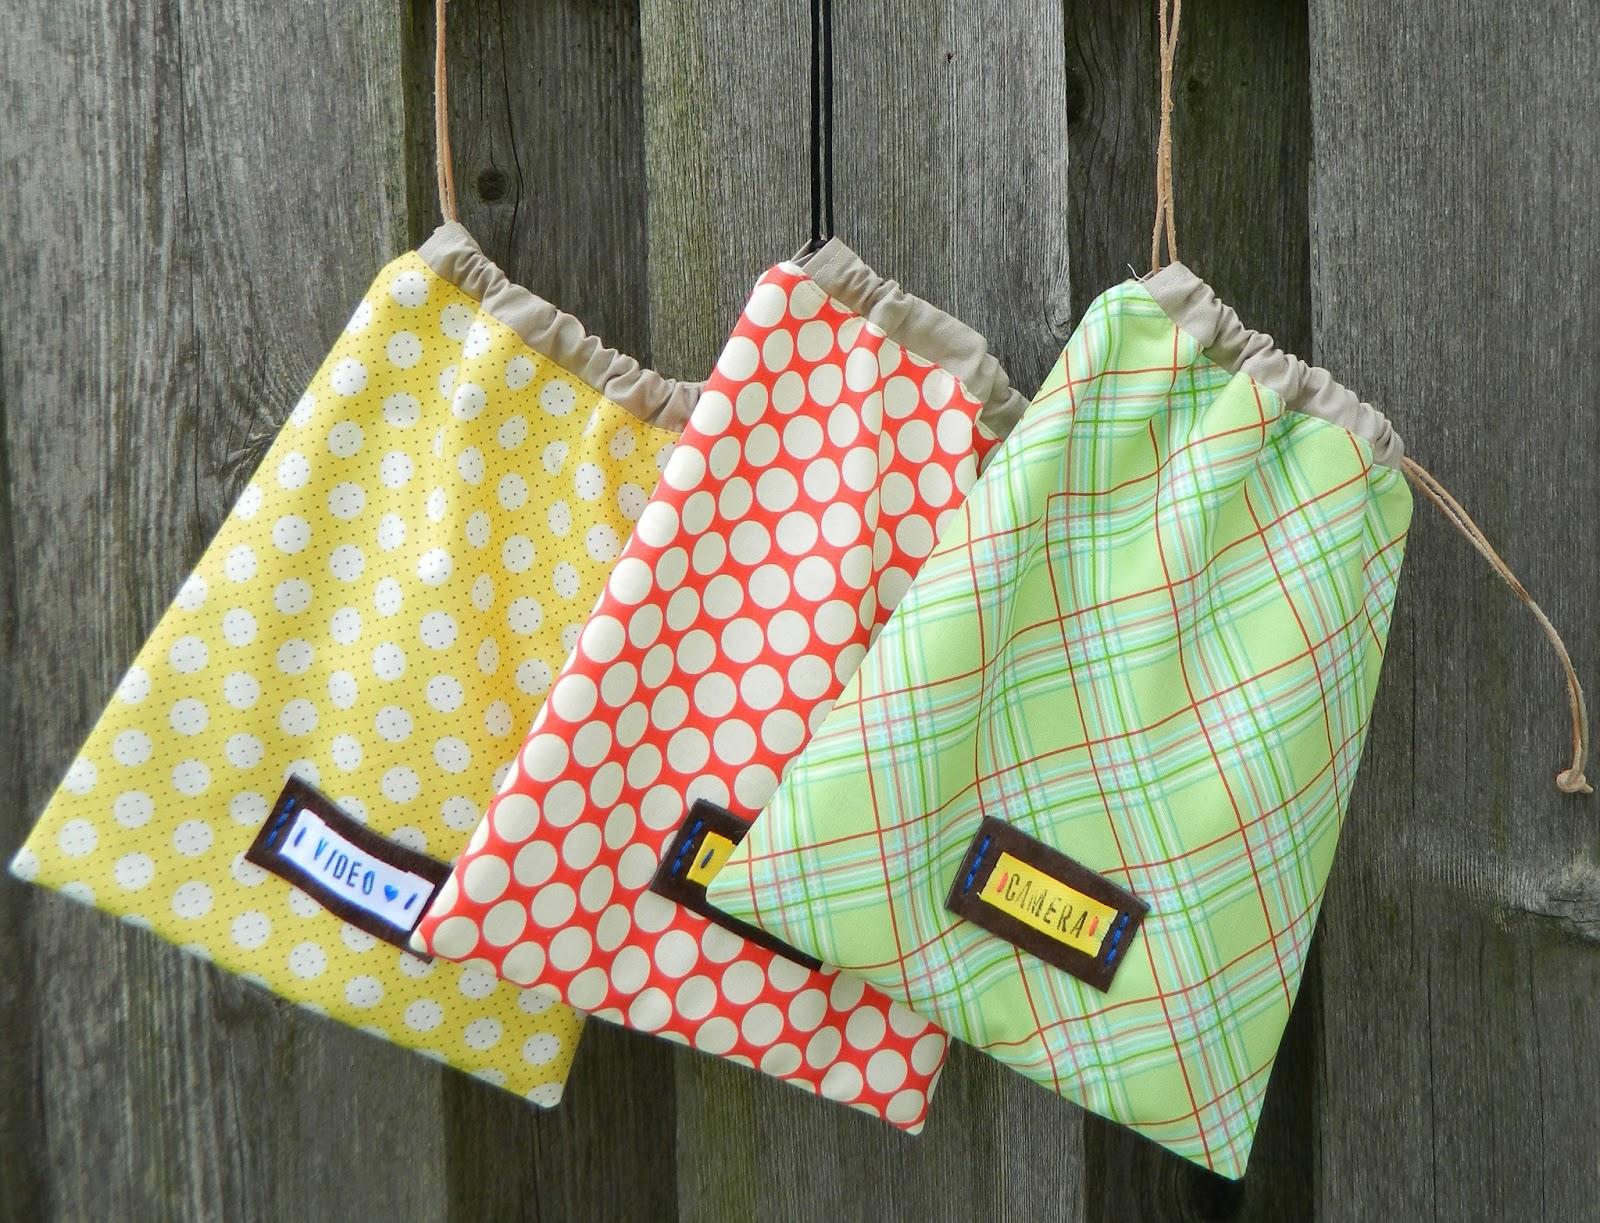 S O T A K Handmade Drawstring Bag